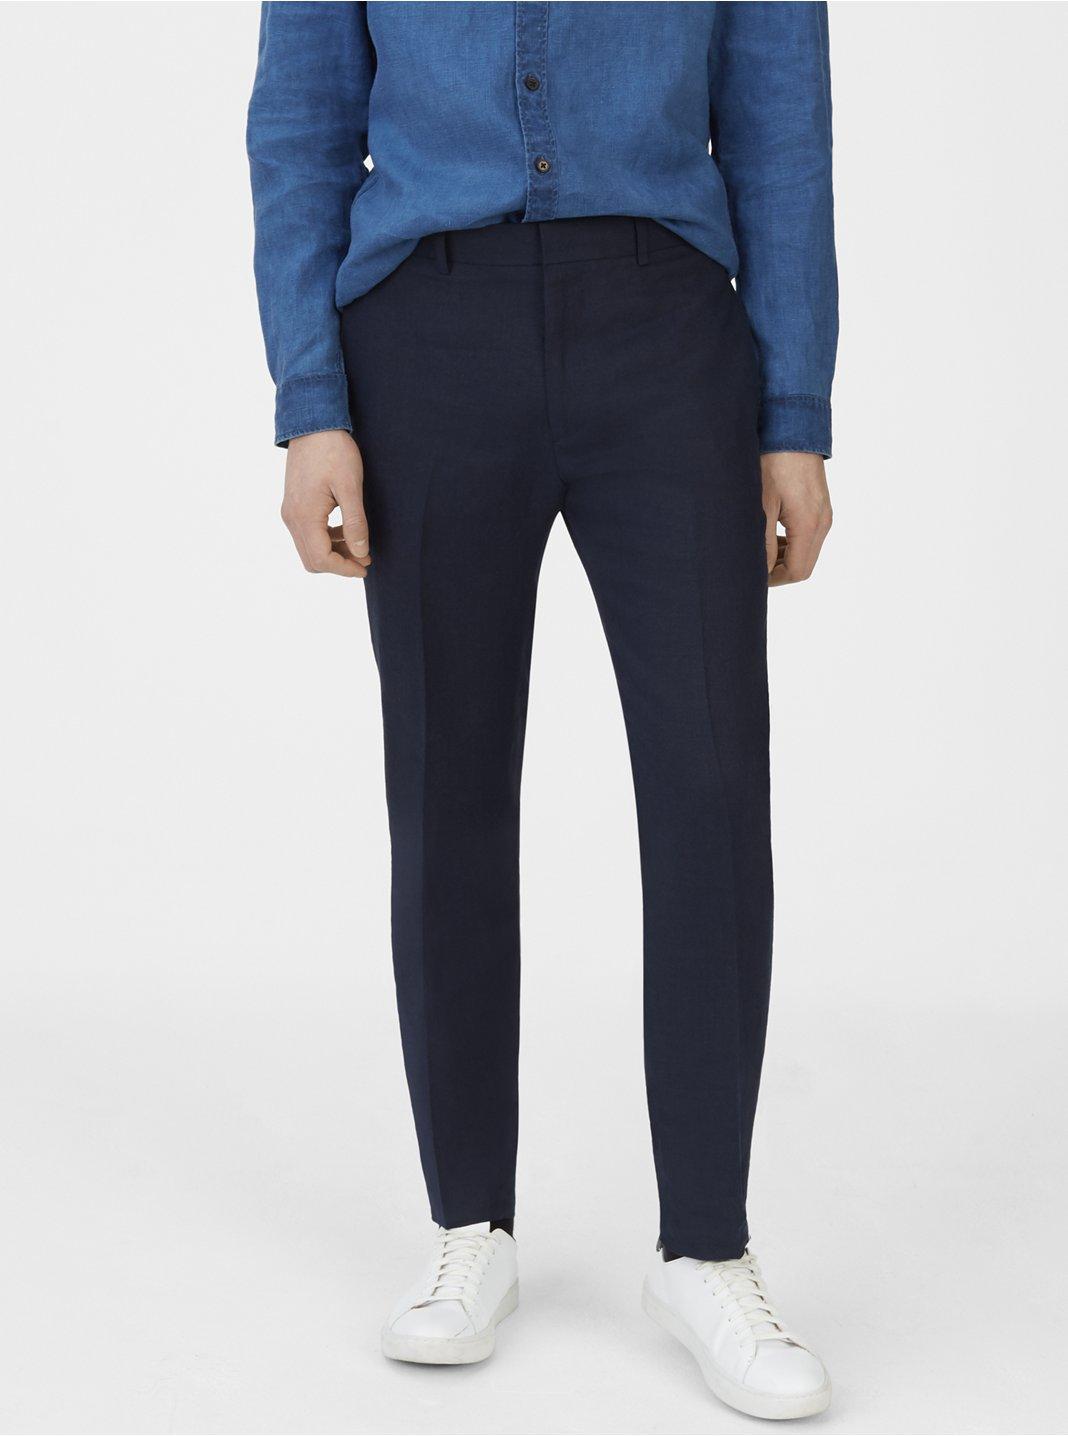 클럽 모나코 맨 Grant 리넨 팬츠 Club Monaco Grant Linen Trouser,Navy